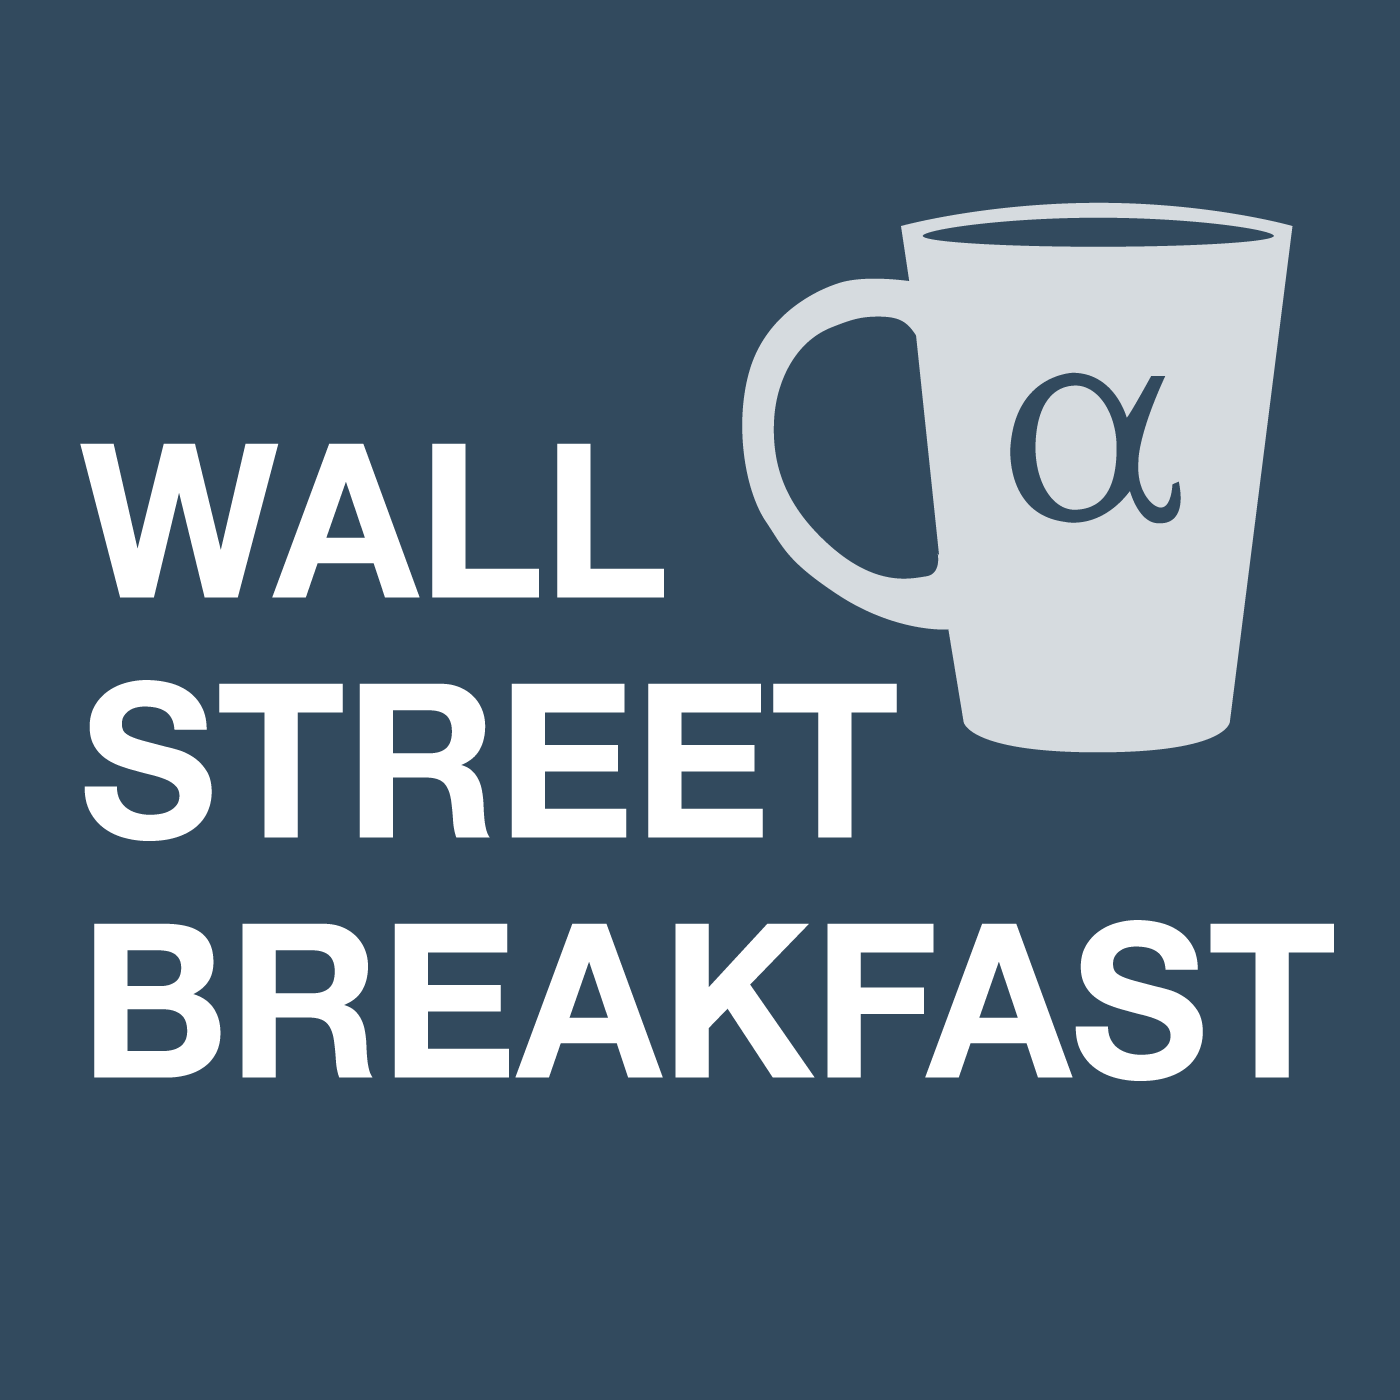 Wall Street Breakfast July 30: Tech Heavyweights Report Earnings